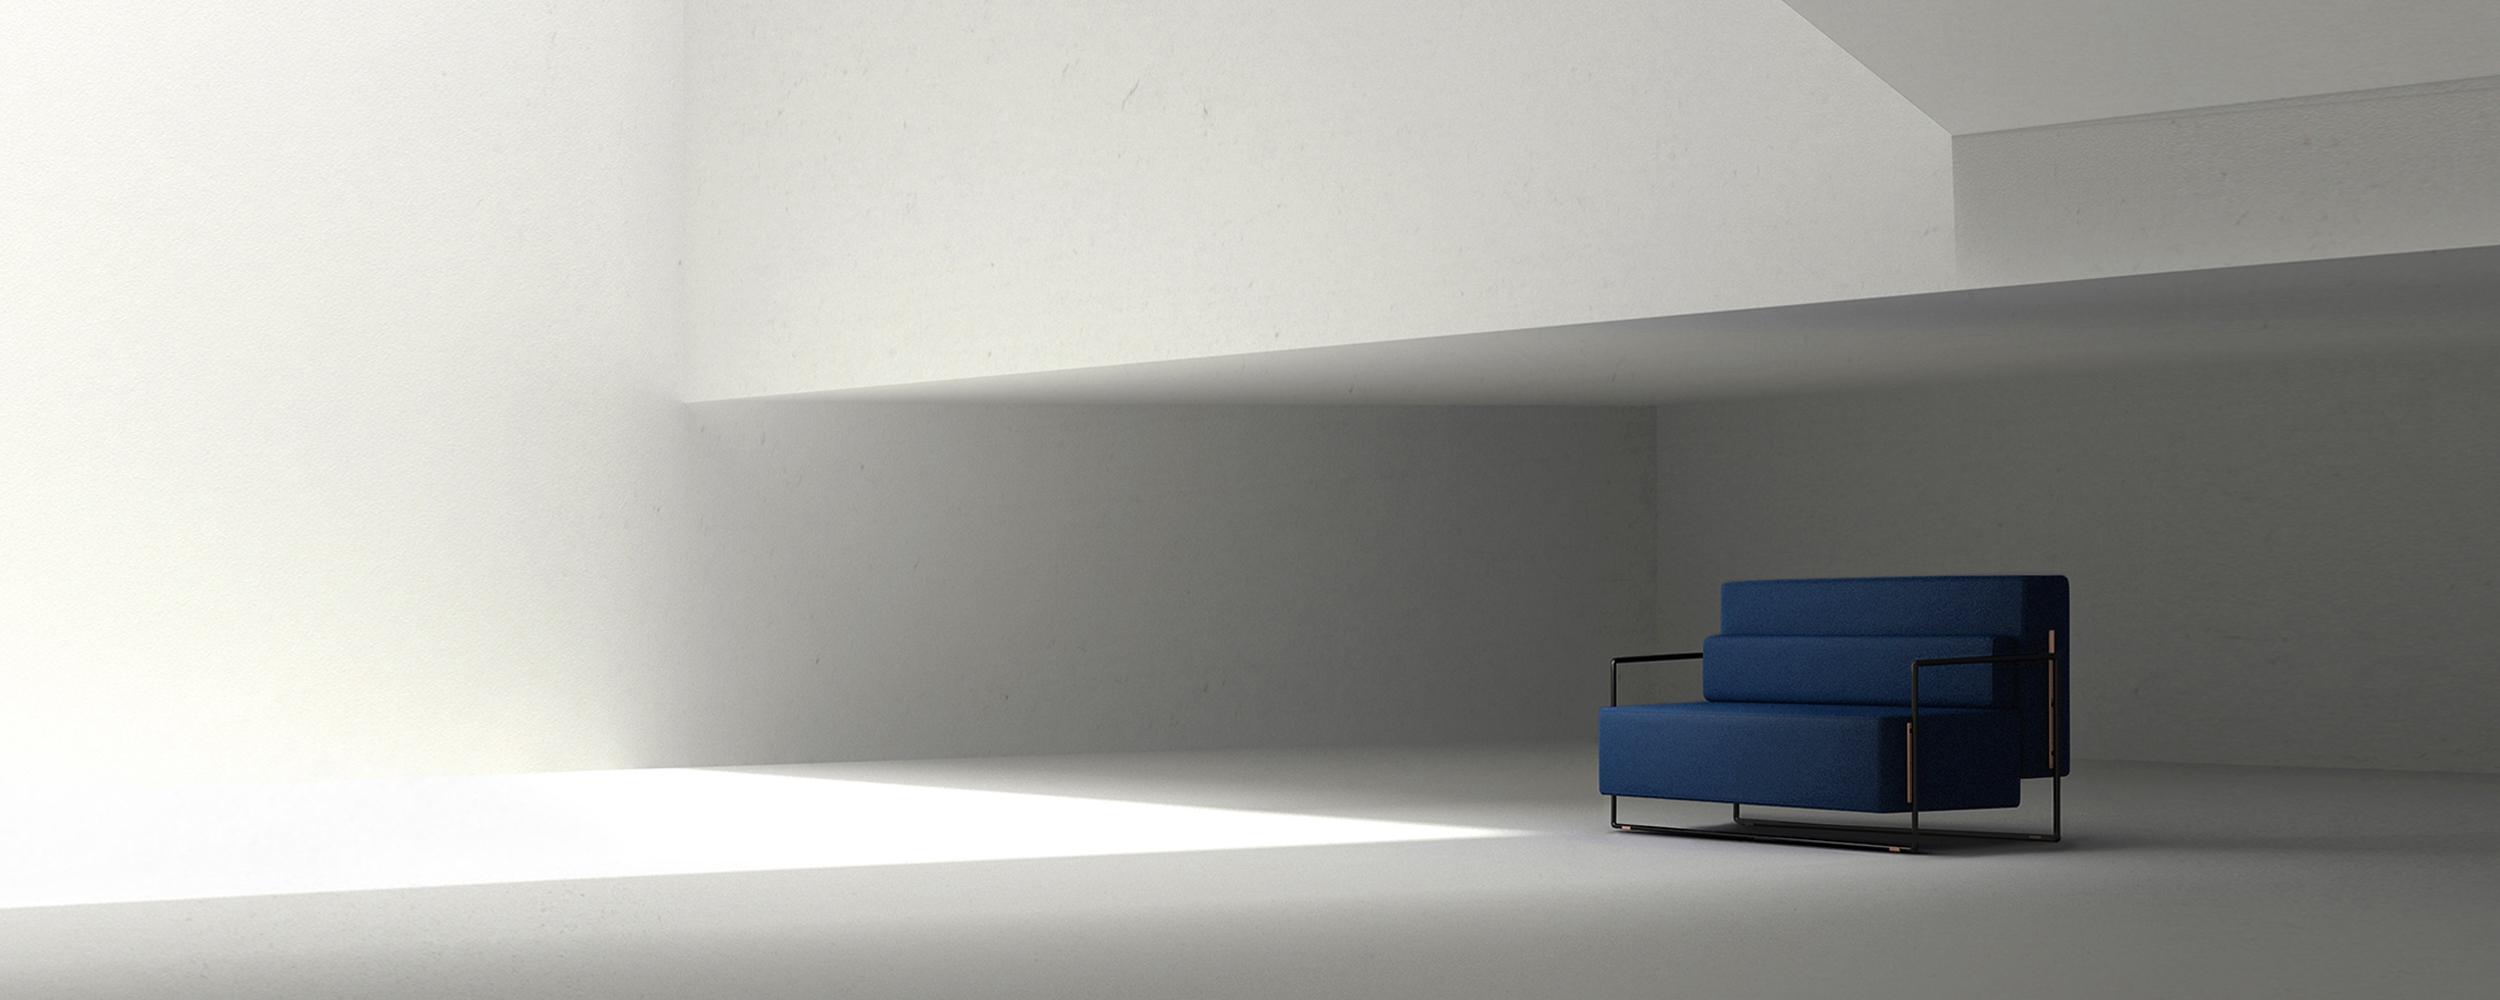 static1.squarespace.com (1).jpg